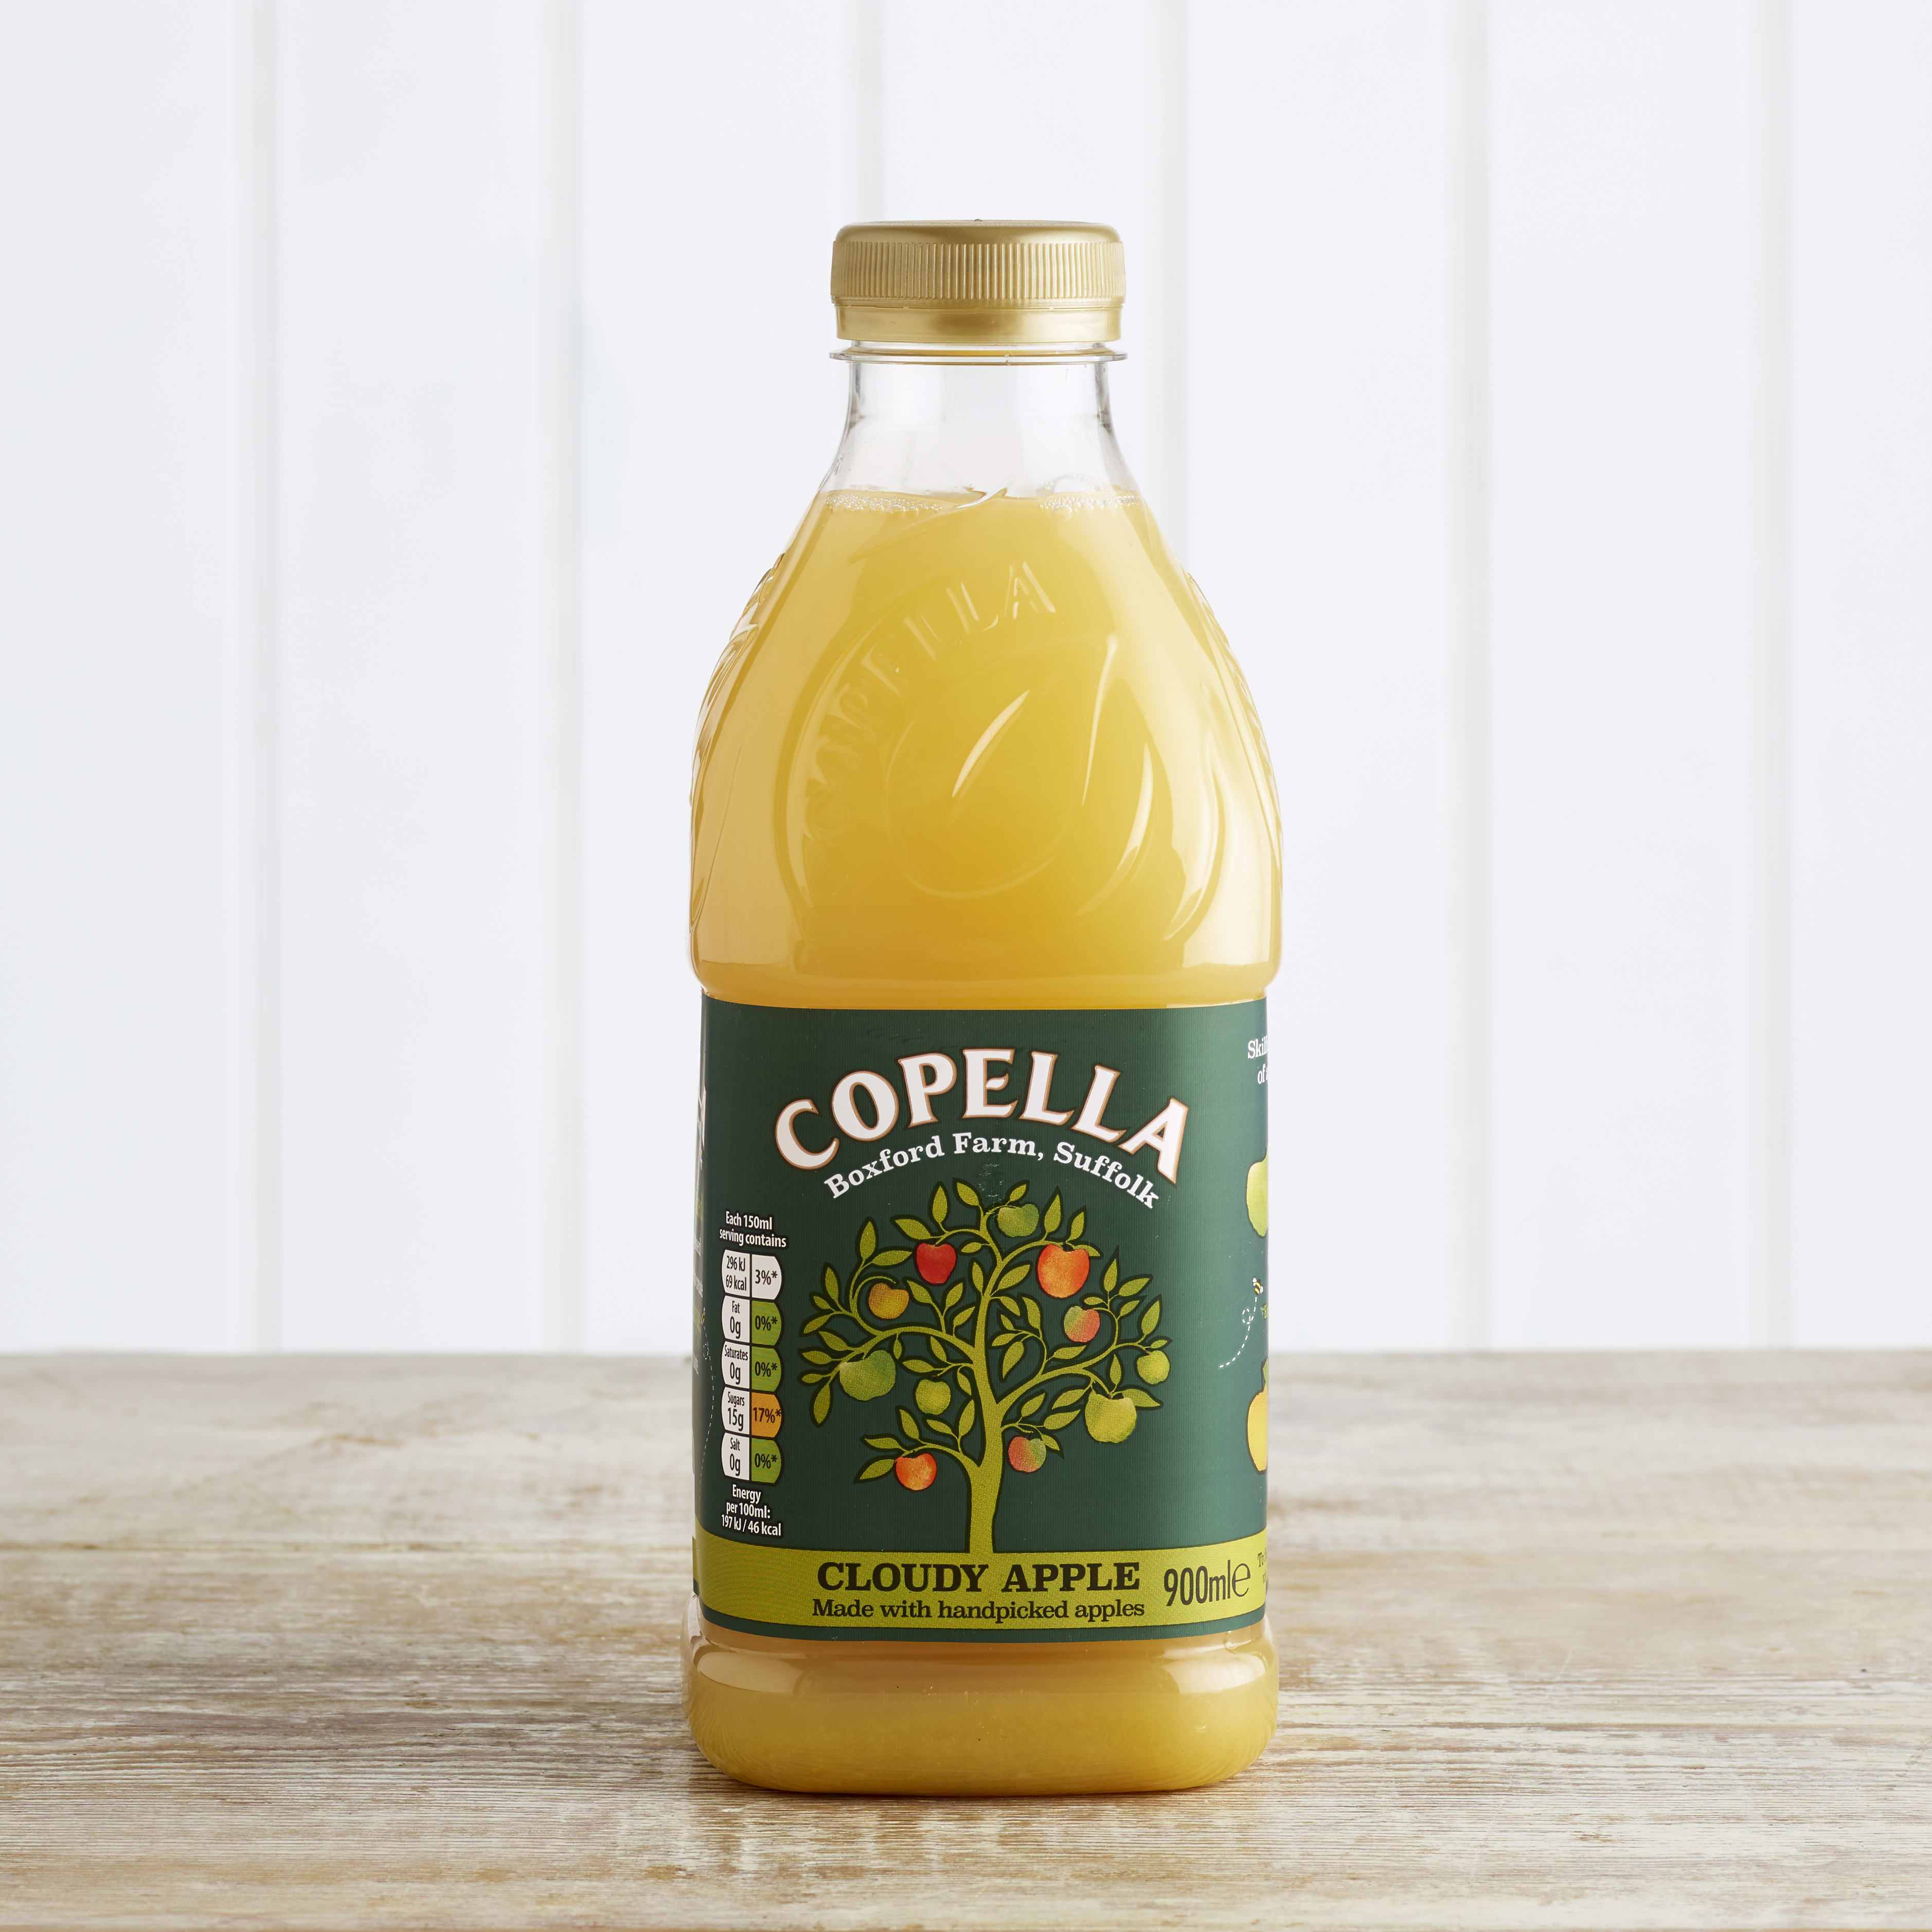 Copella Cloudy Apple Juice, 900ml